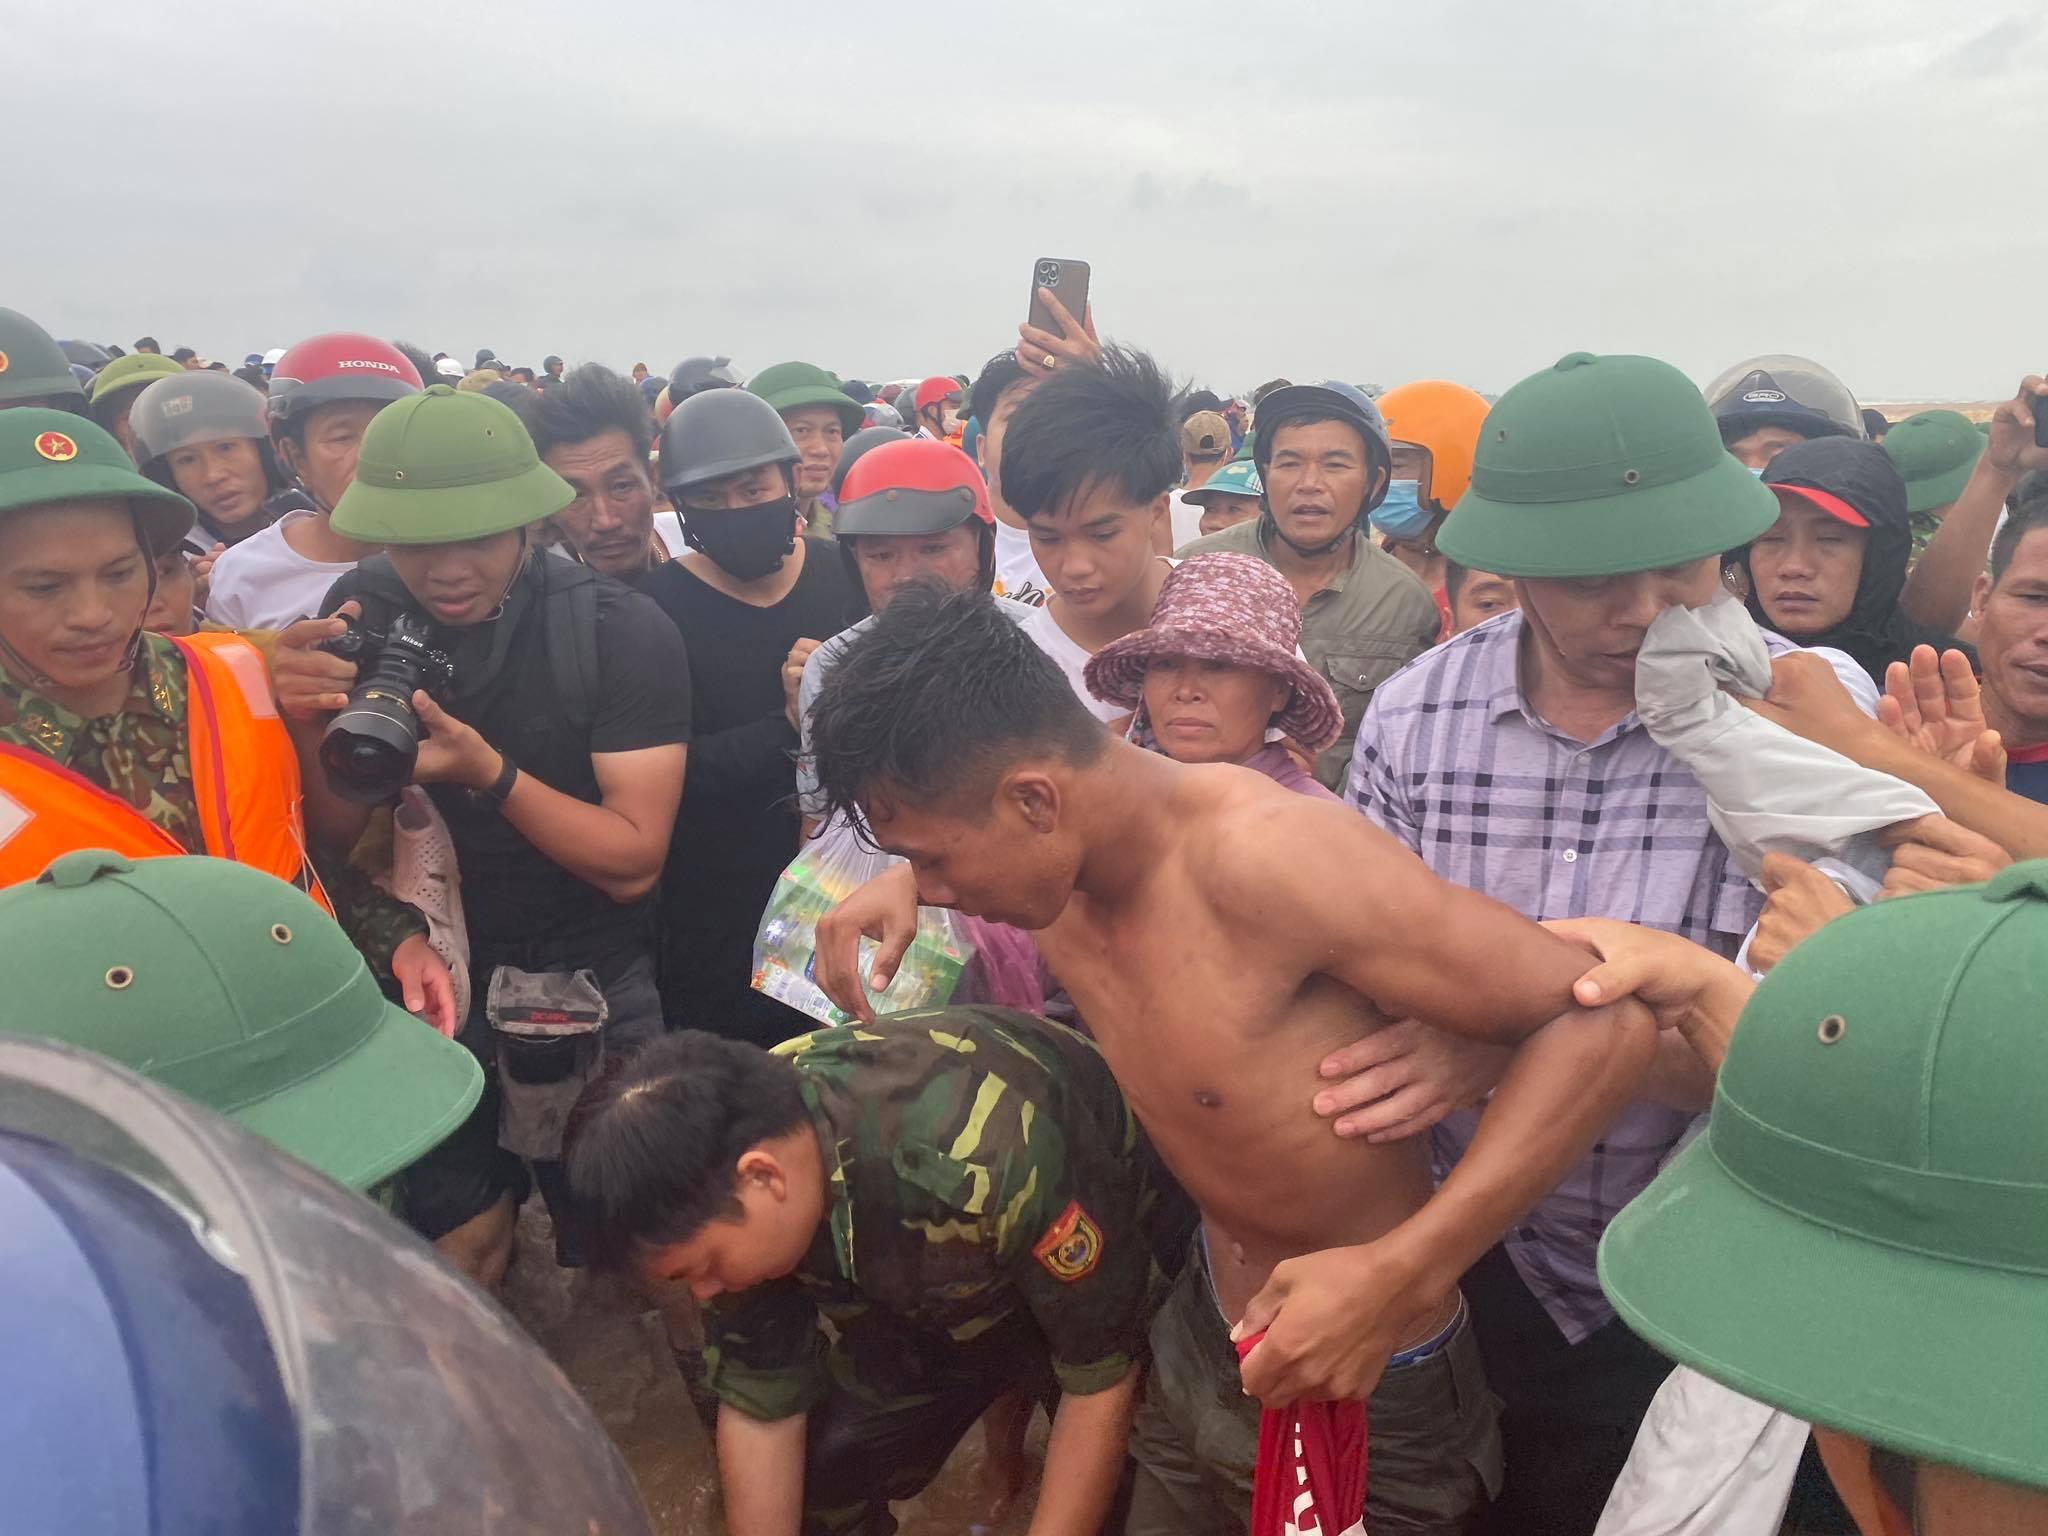 Dùng trực thăng cứu 8 người mắc kẹt trên tàu ở Quảng Trị